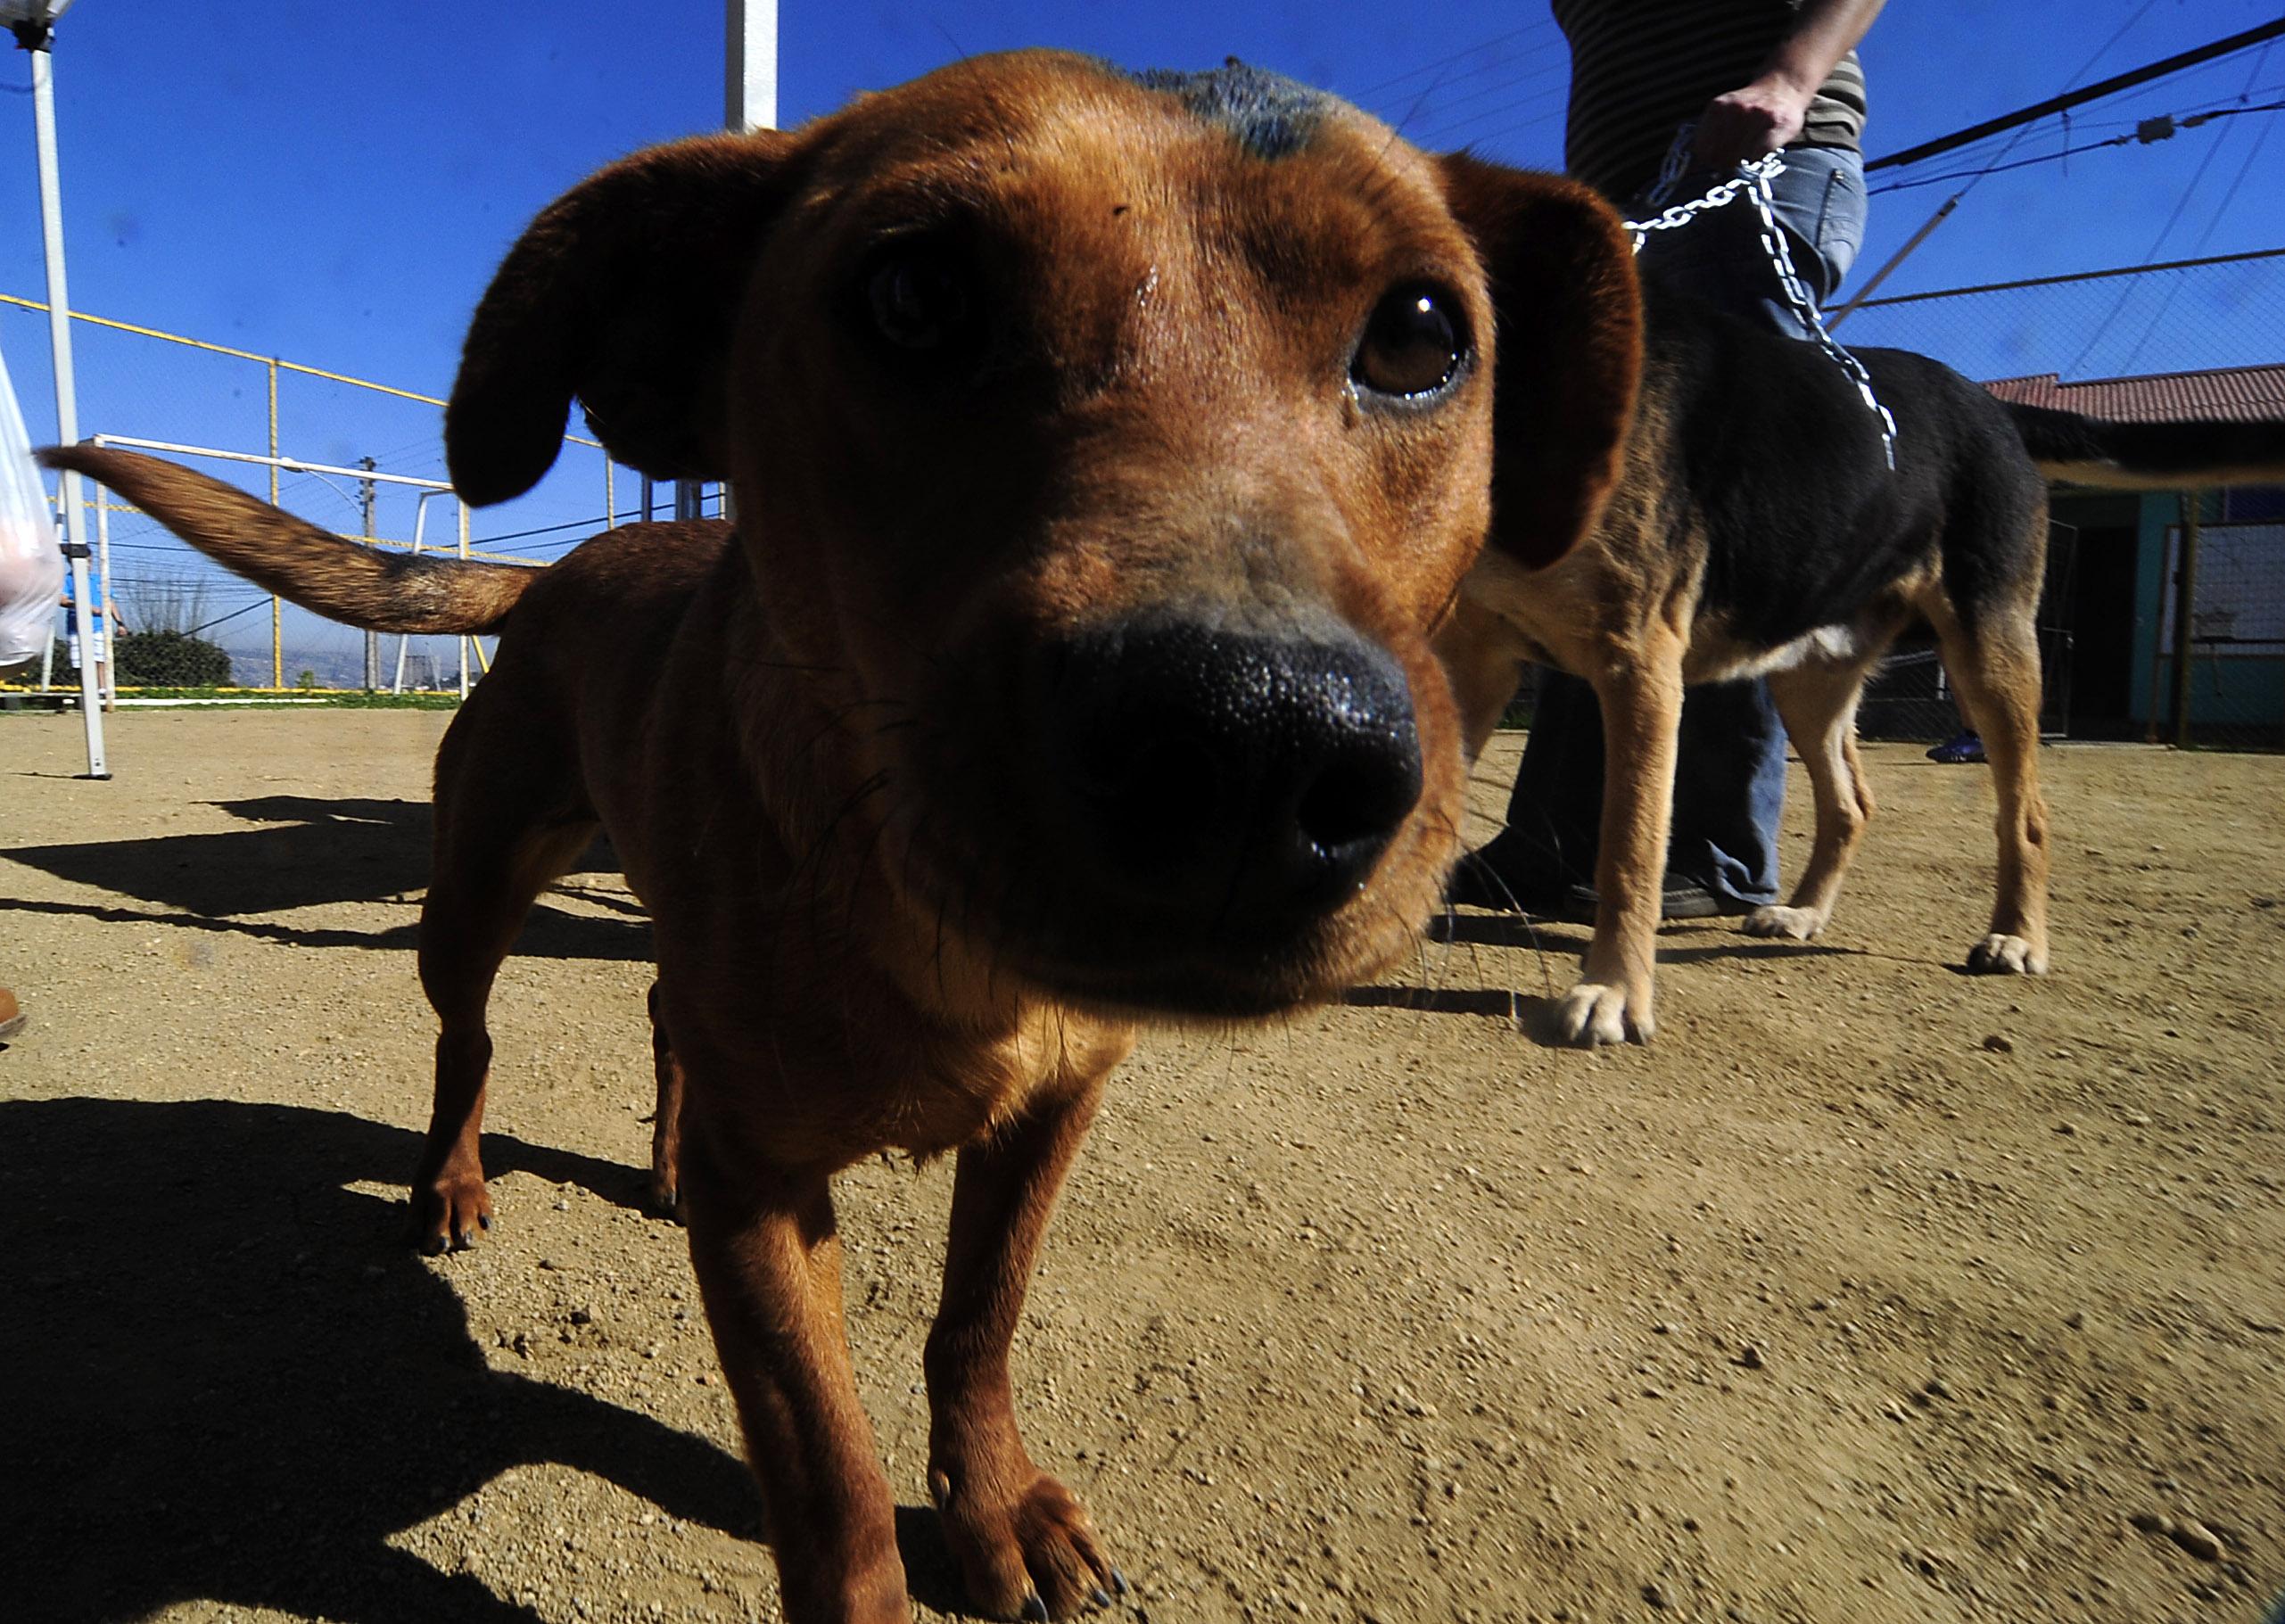 Taiwán prohíbe la eutanasia de animales abandonados tras polémico suicidio de veterinaria